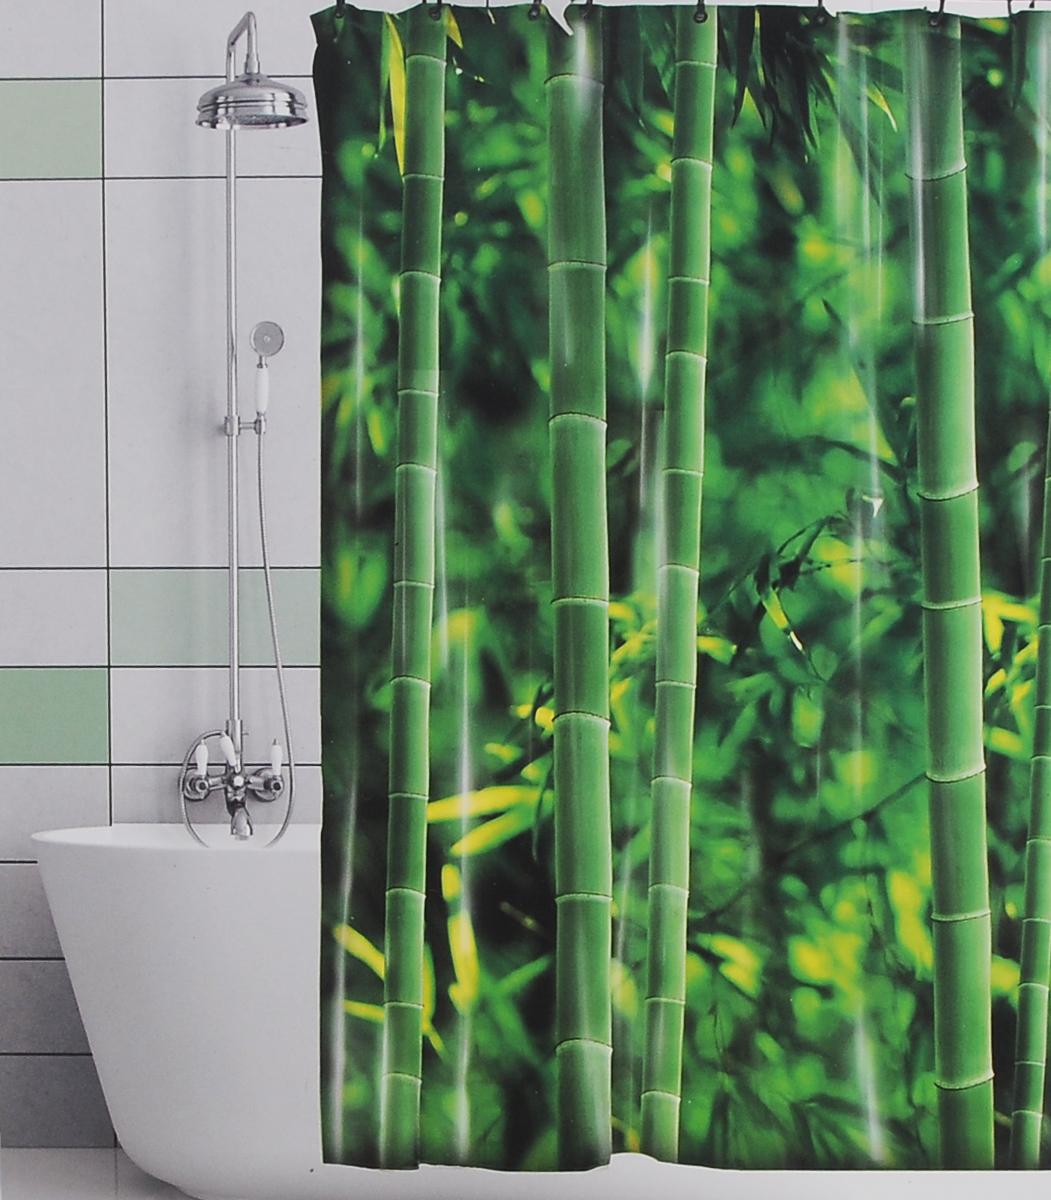 Штора для ванной Valiant Бамбуковые джунгли, цвет: зеленый, 180 х 180 см68/5/3Штора для ванной комнаты Valiant Бамбуковые джунгли из 100% плотного полиэстера с водоотталкивающей поверхностью идеально защищает ванную комнату от брызг.В верхней кромке шторы предусмотрены отверстия для пластиковых колец (входят в комплект), а в нижней кромке шторы скрыт гибкий шнур, который поддерживает ее в естественной расправленной форме.Штору можно легко почистить мягкой губкой с мылом или постирать ее с мягким моющим средством в деликатном режиме. Количество колец: 12 шт.